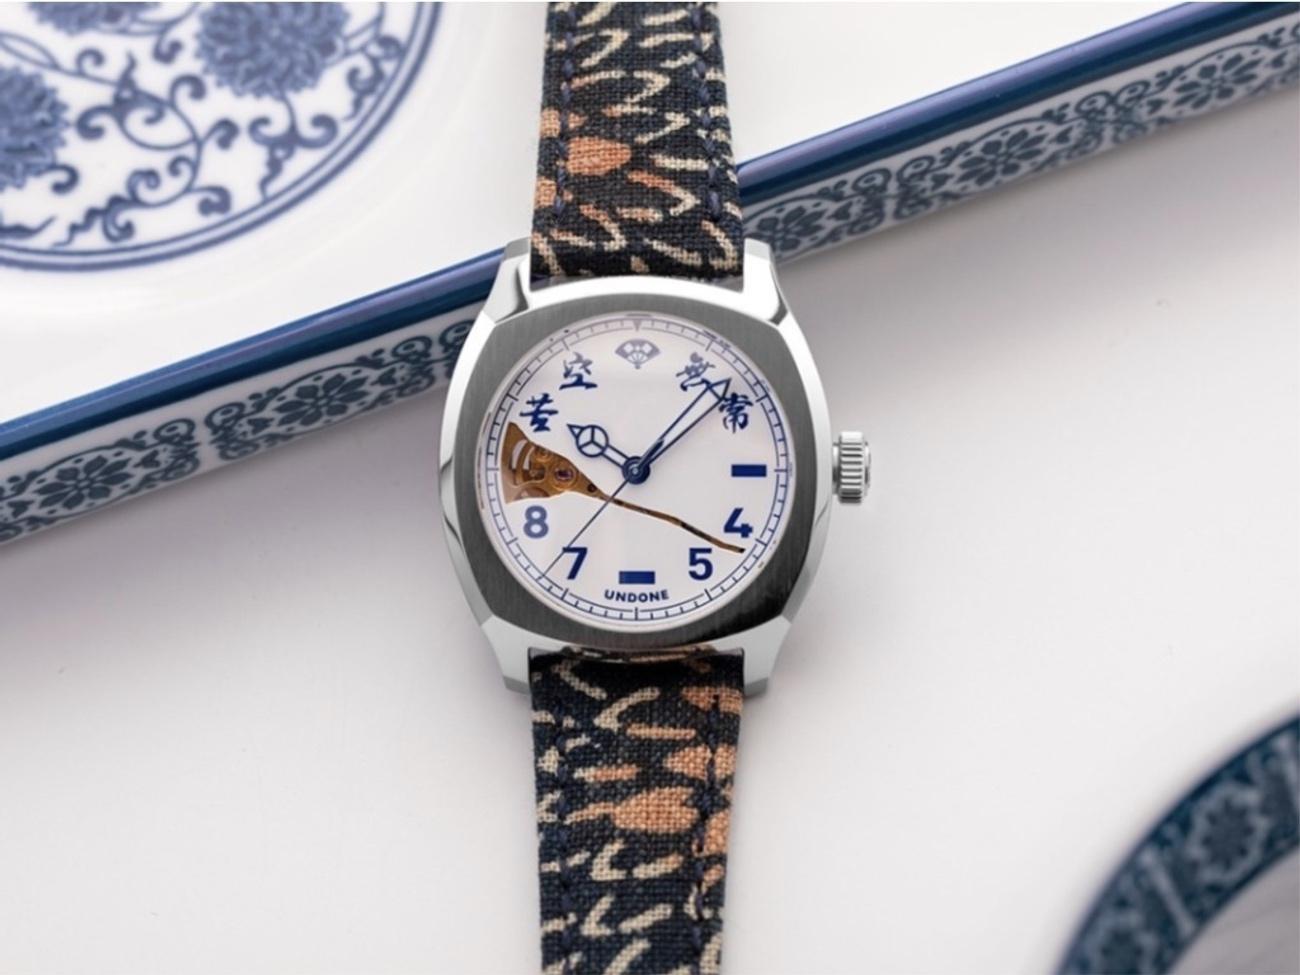 Ένα πανέμορφο ρολόι αφιερωμένο στην ιαπωνική φιλοσοφία wabi-sabi